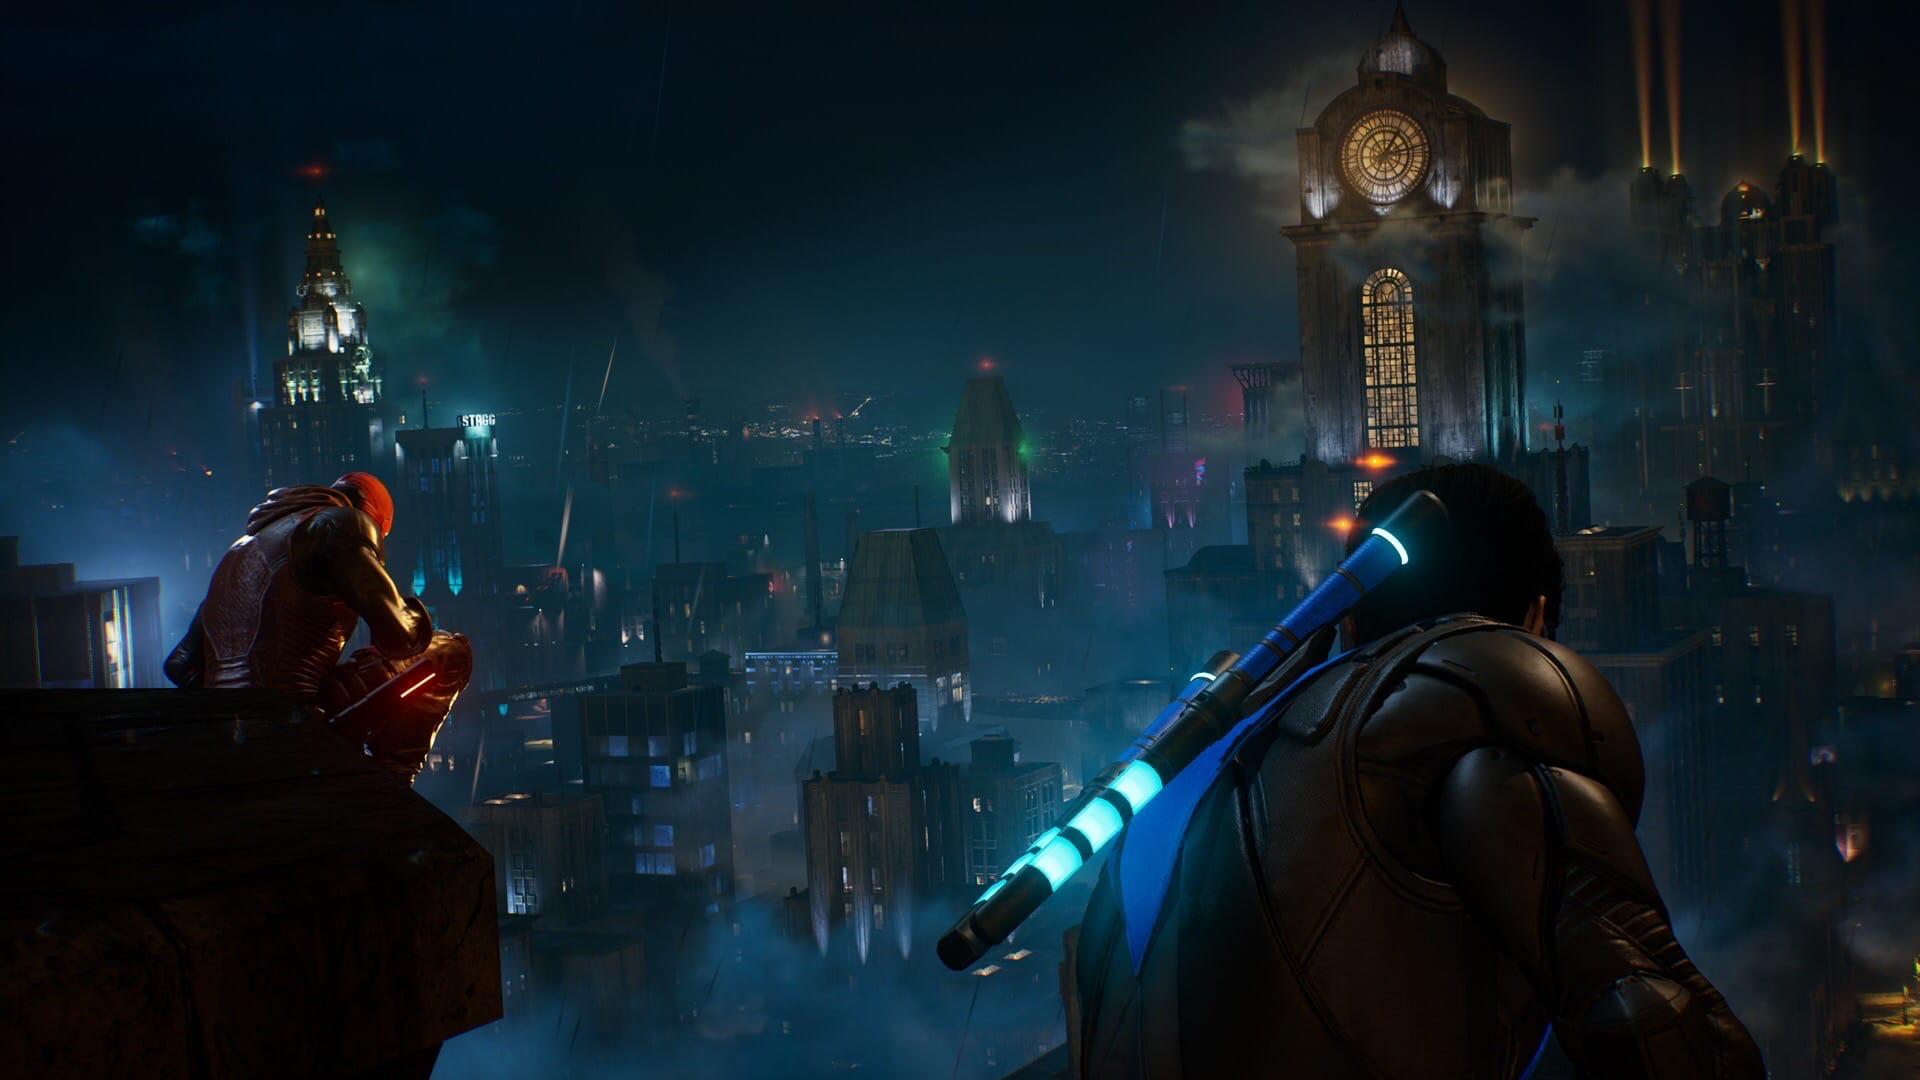 В Gotham Knights можно играть без интернета. Важные подробности игры